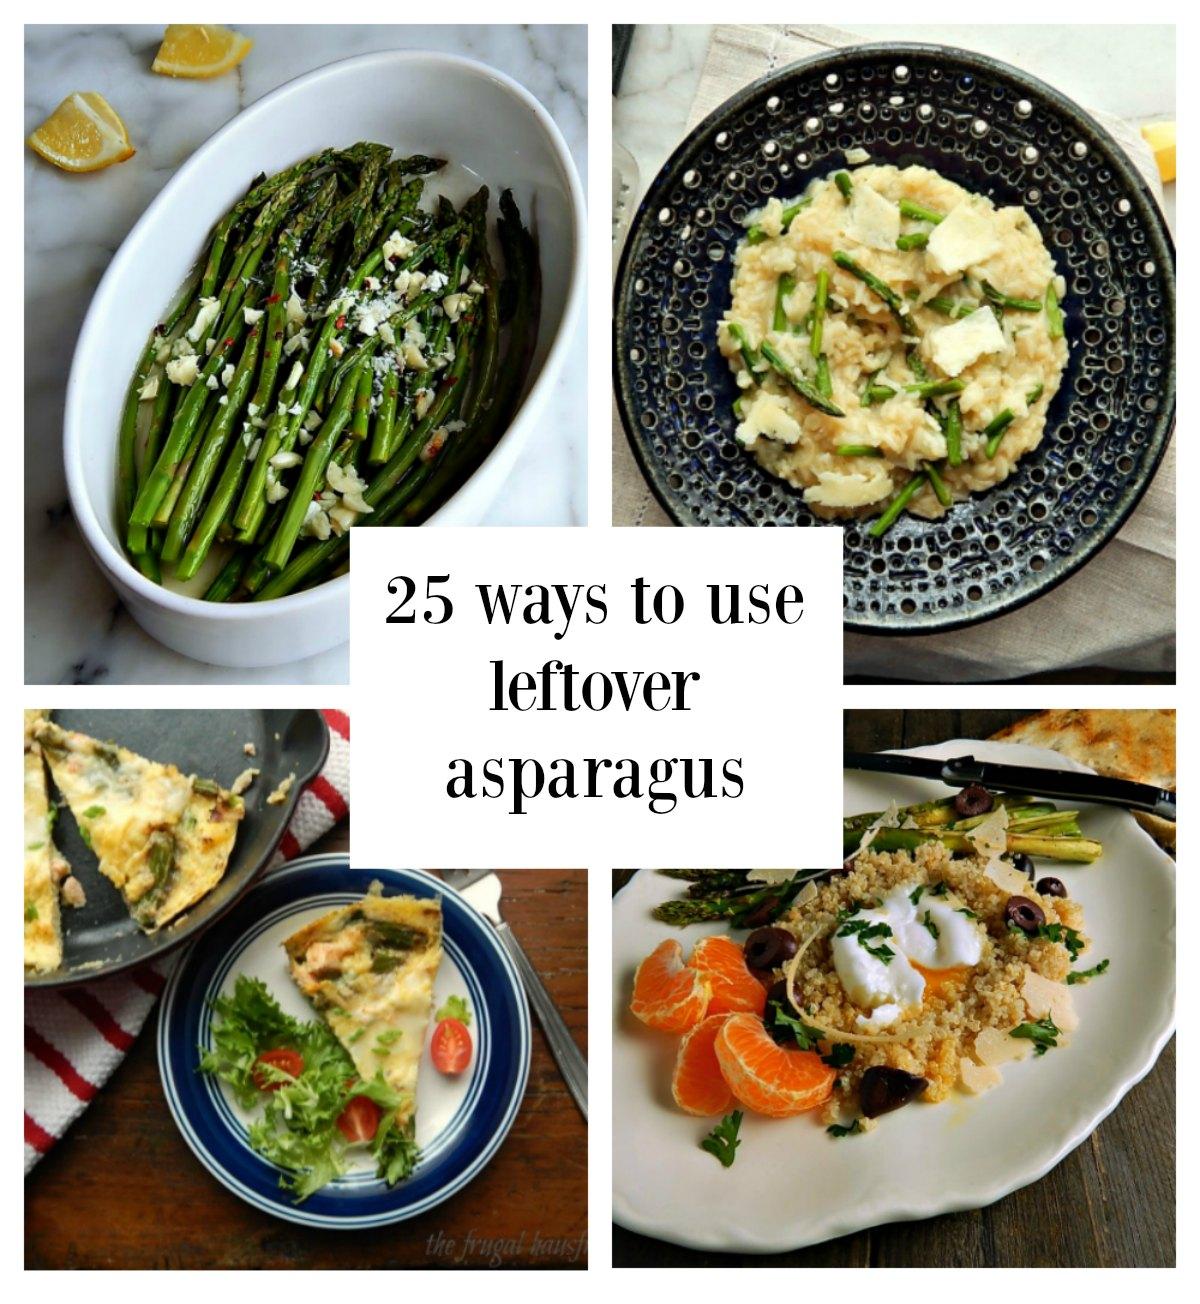 Leftover Asparagus